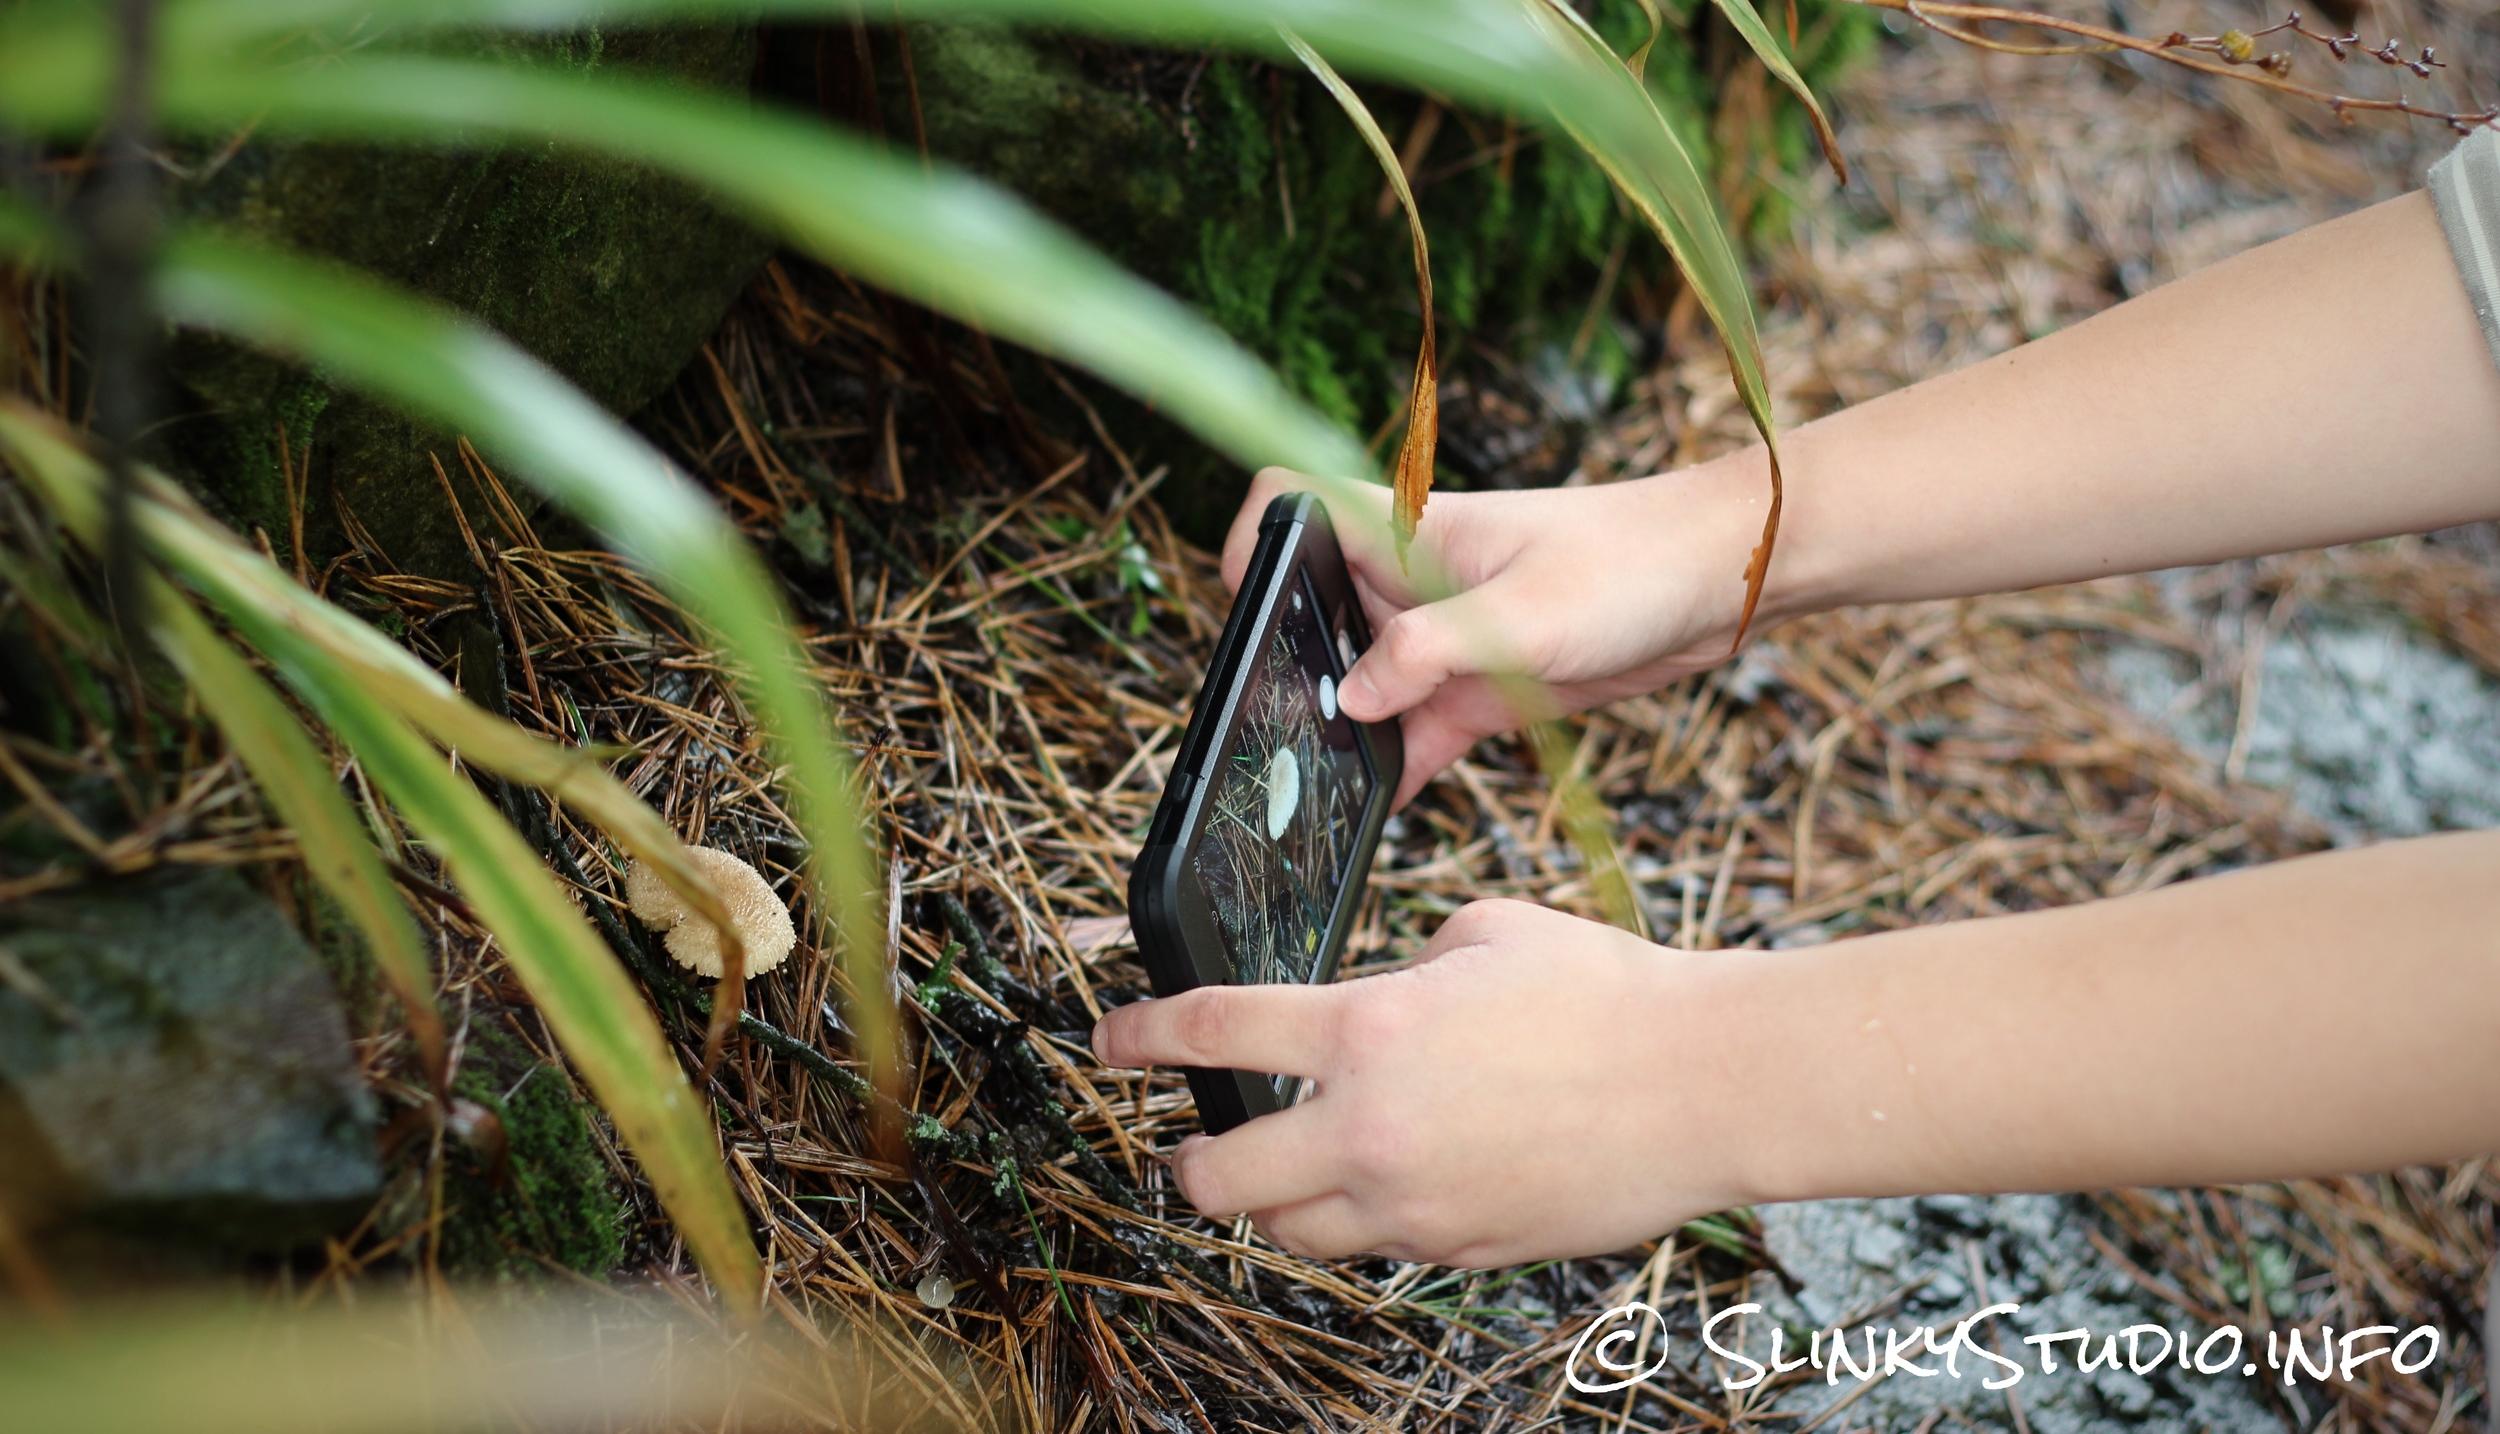 LifeProof NÜÜD Case for iPhone 6 Plus Taking Photo of Mushroom